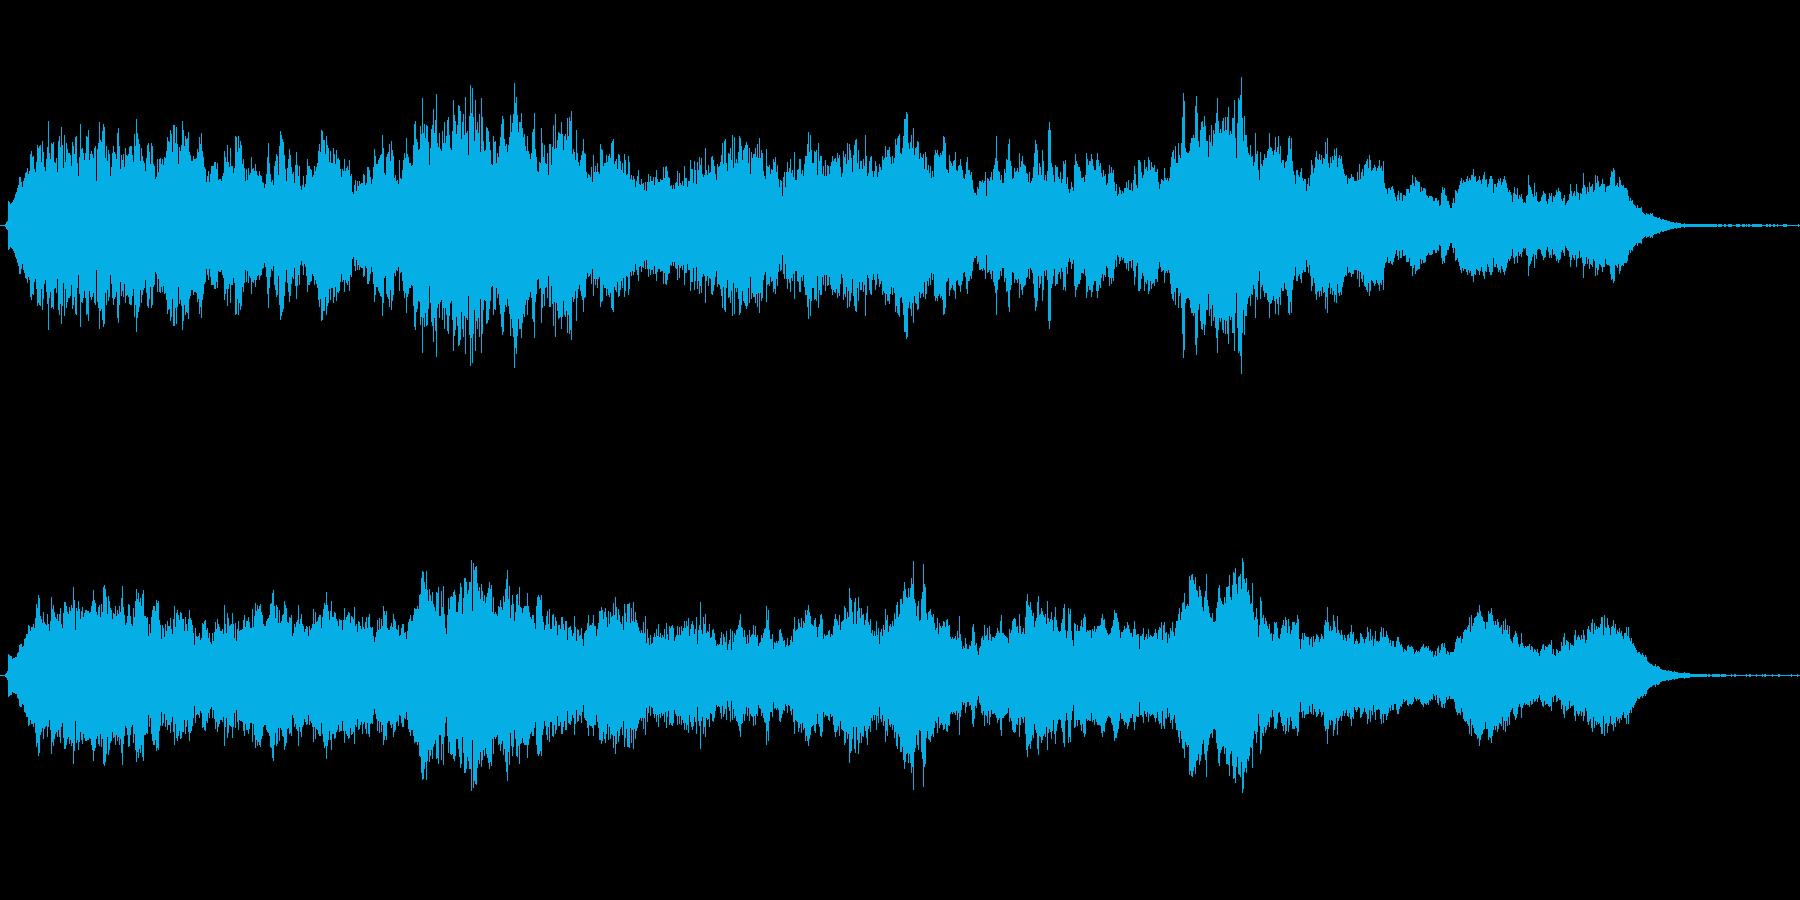 キラキラしたメルヘンチックなジングル2の再生済みの波形